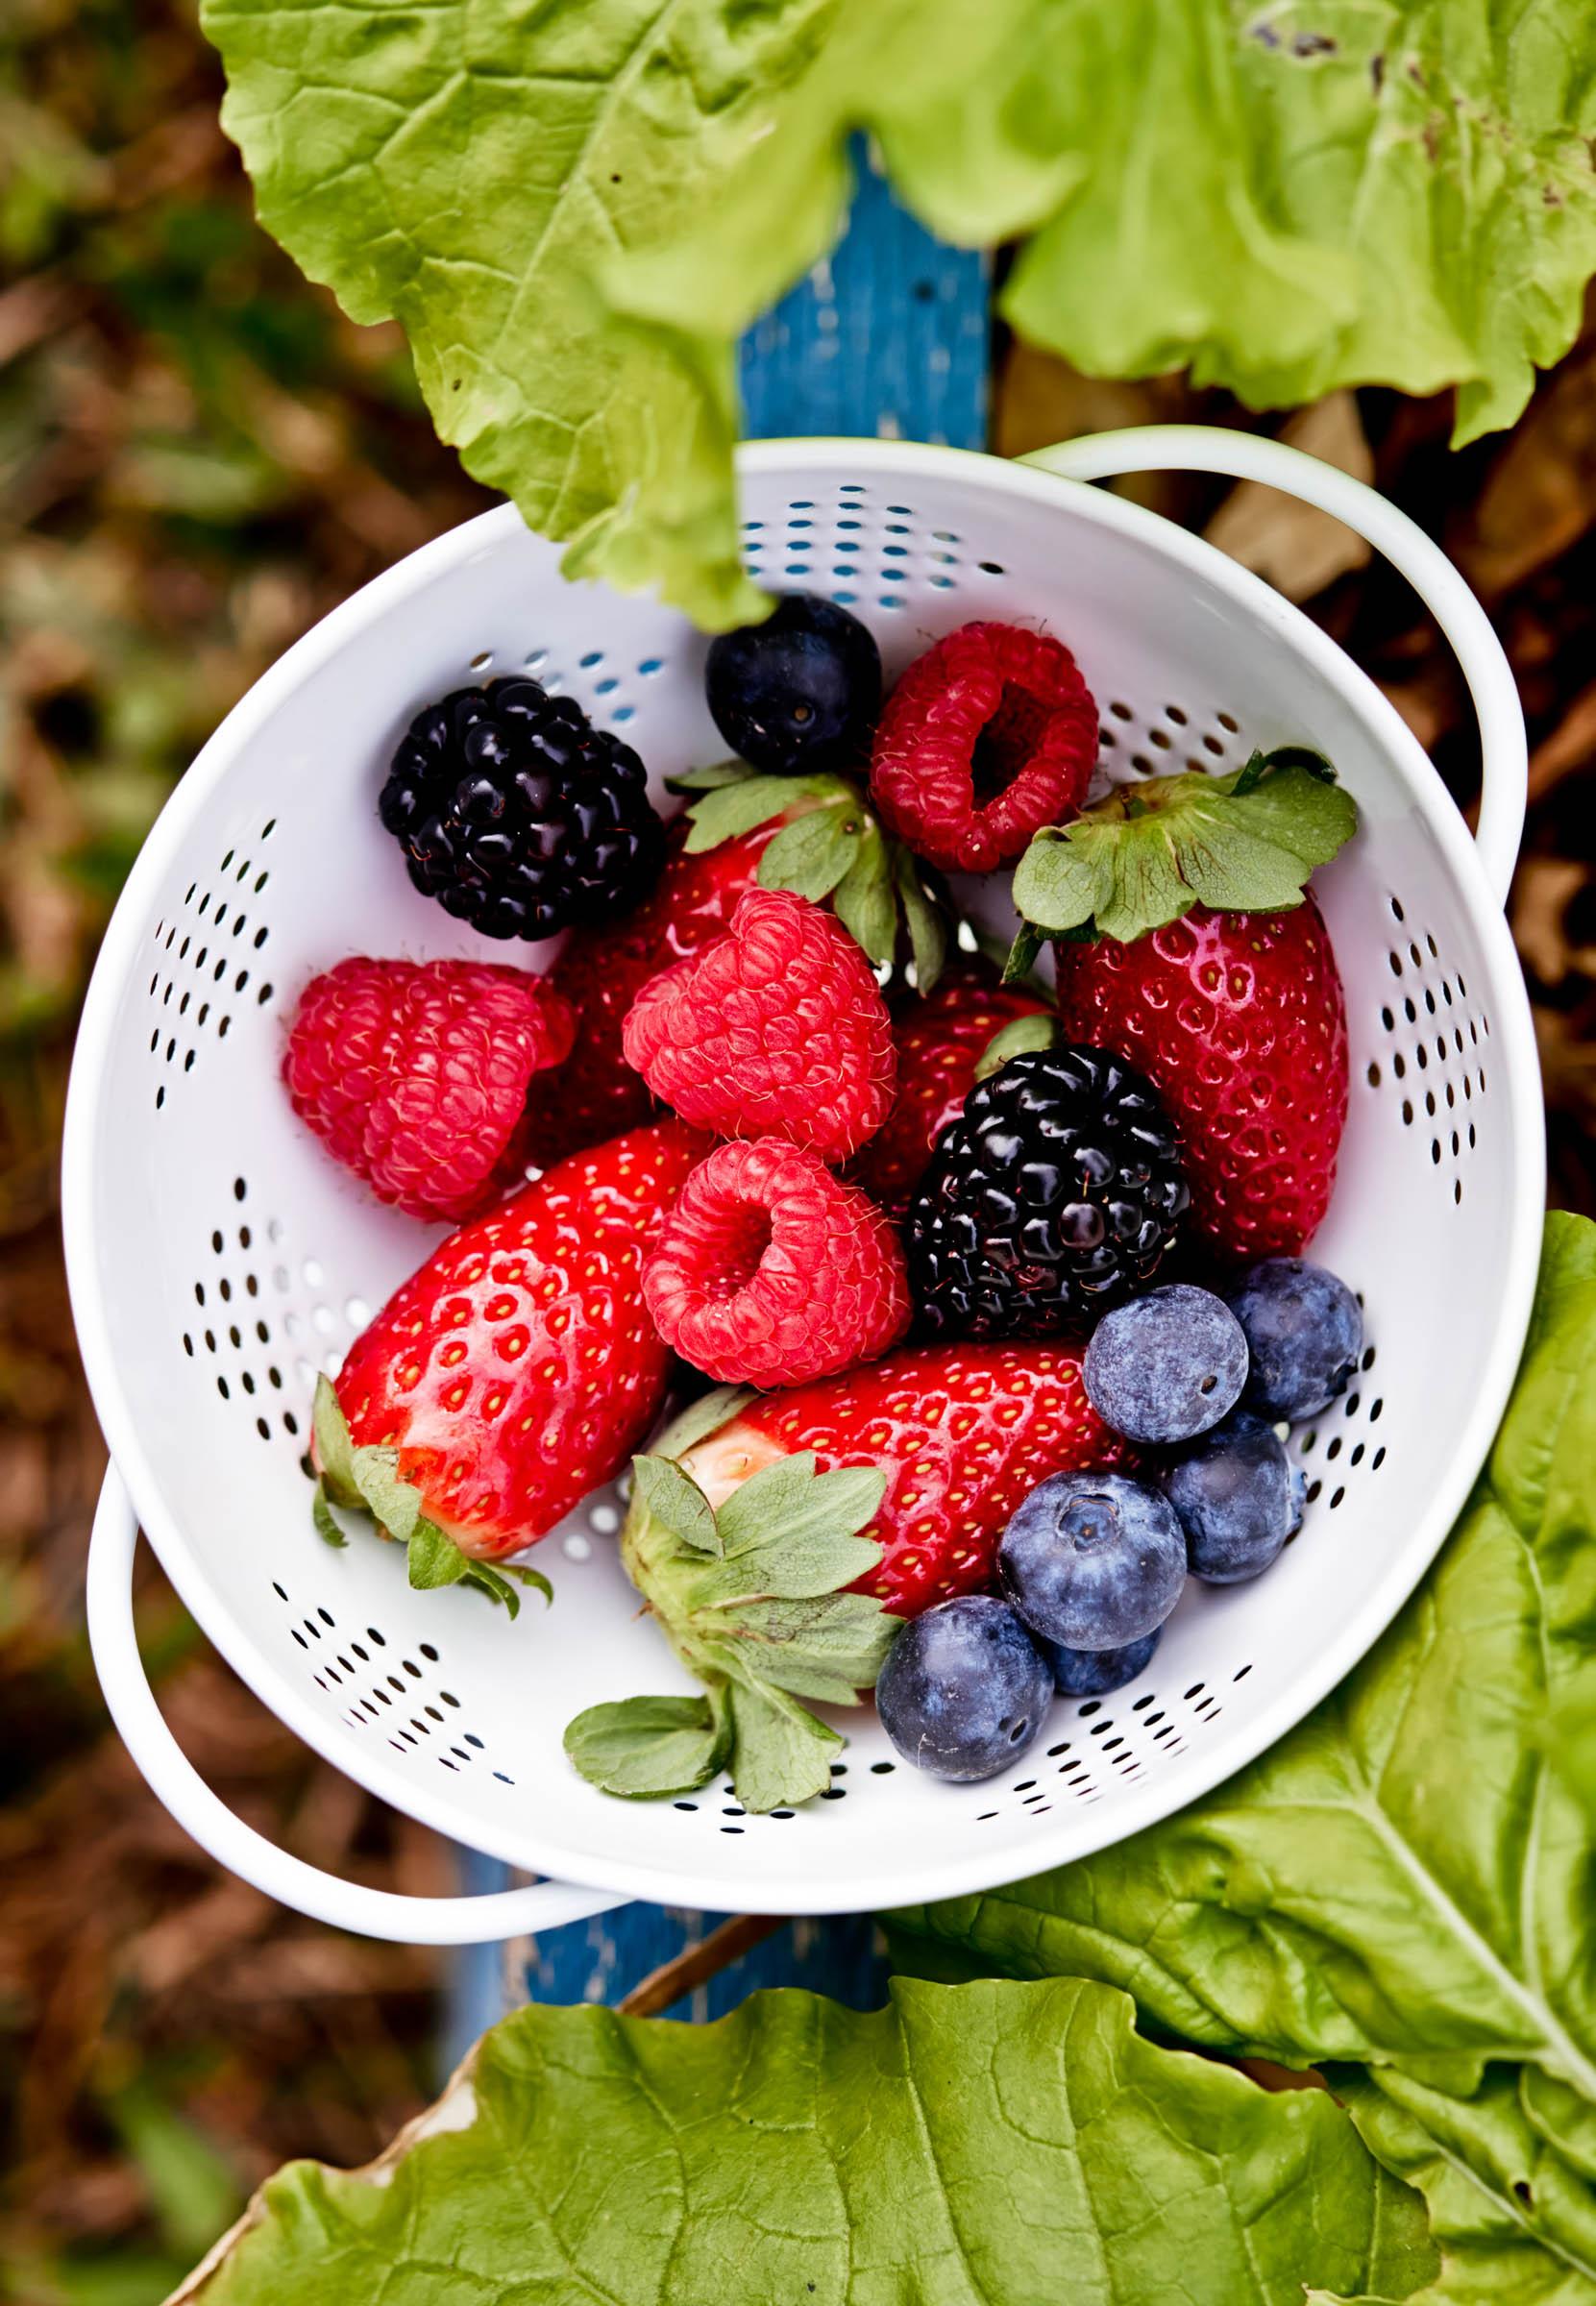 fresh blueberries, strawberries and blackberries